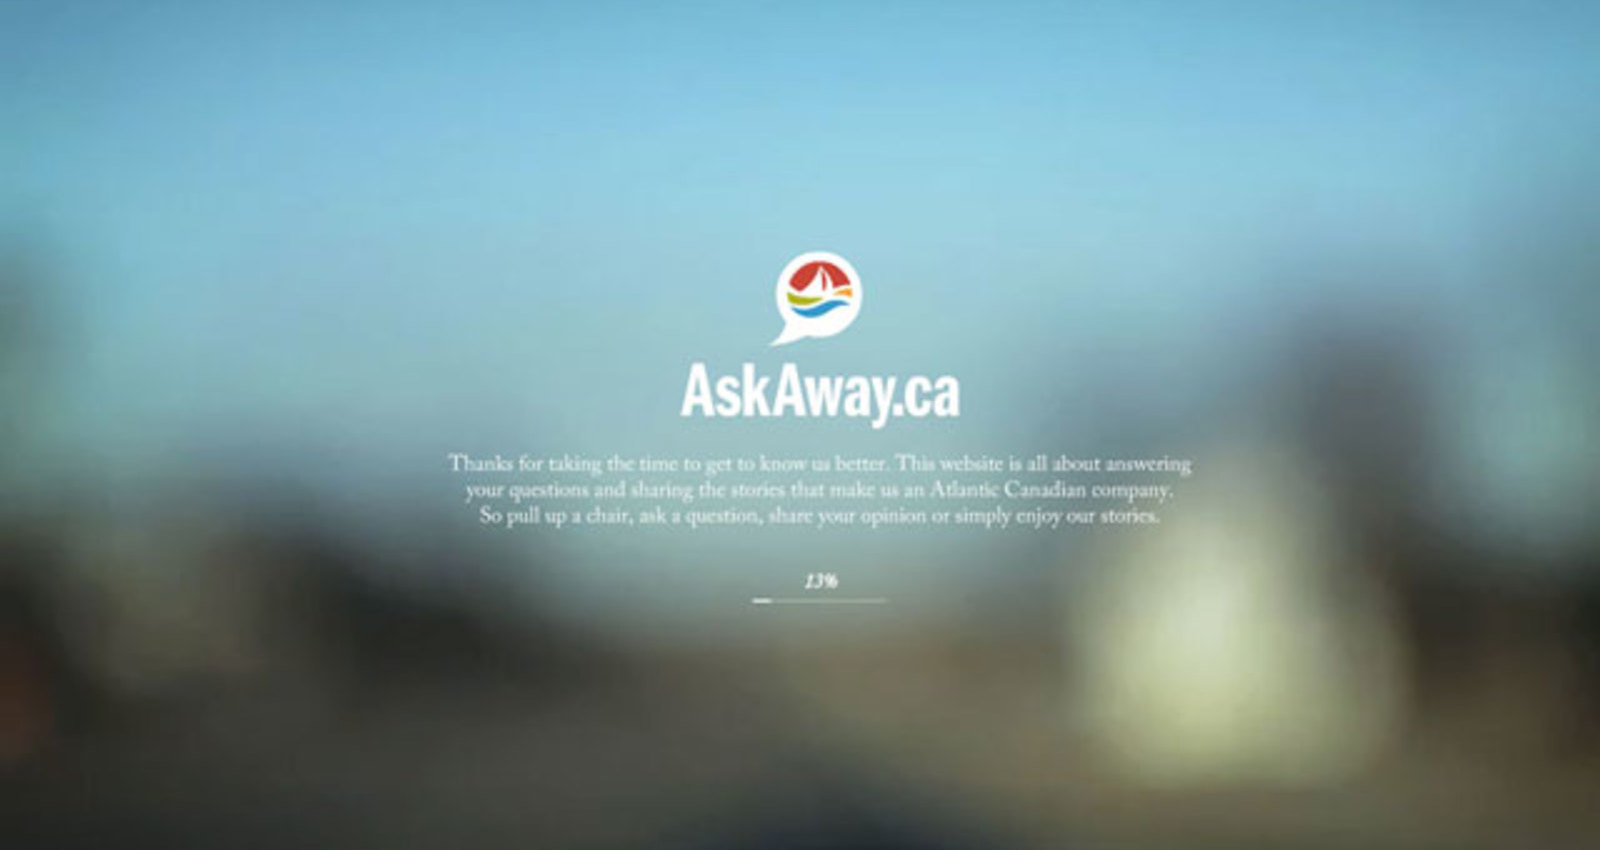 AskAway.ca